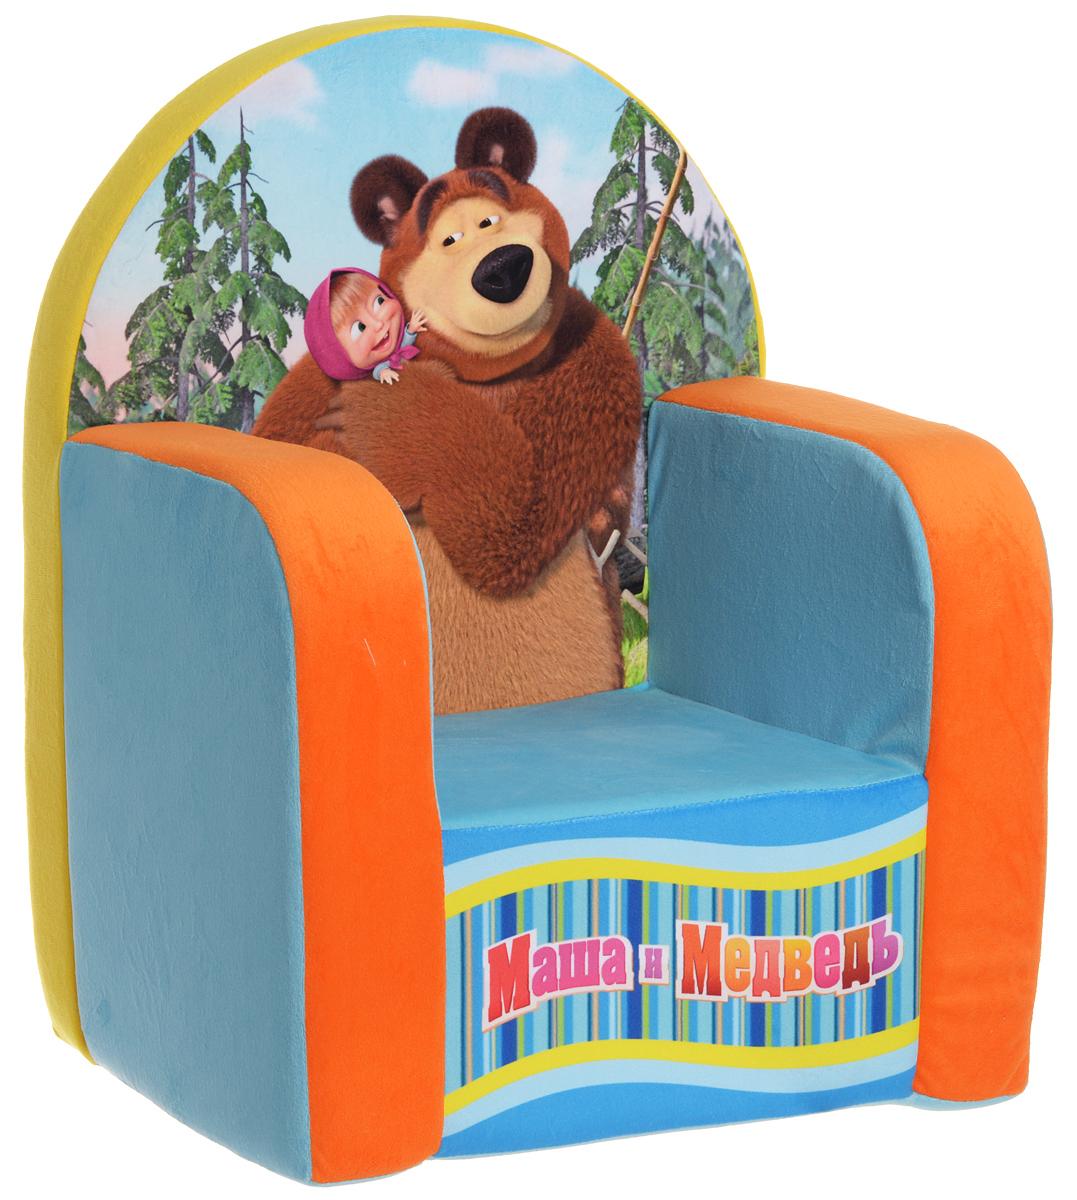 СмолТойс Мягкая игрушка Кресло Маша и Медведь 54 см1724/ГЛ-1Мягкая игрушка СмолТойс Кресло Маша и Медведь идеально впишется в интерьер детской комнаты. Мягкая игрушка выполнена в виде кресла и изготовлена с учетом размеров тела ребенка. Устойчивость кресла обеспечивается широкой площадью соприкосновения с полом. Мягкое кресло не имеет деревянных и прочих жестких вставок, поэтому вы можете быть спокойны за безопасность вашего малыша. А еще кресло особенно понравится тем малышам, которые обожают мультфильмы про Машу и Медведя. Ваш ребенок будет в восторге от такого подарка!